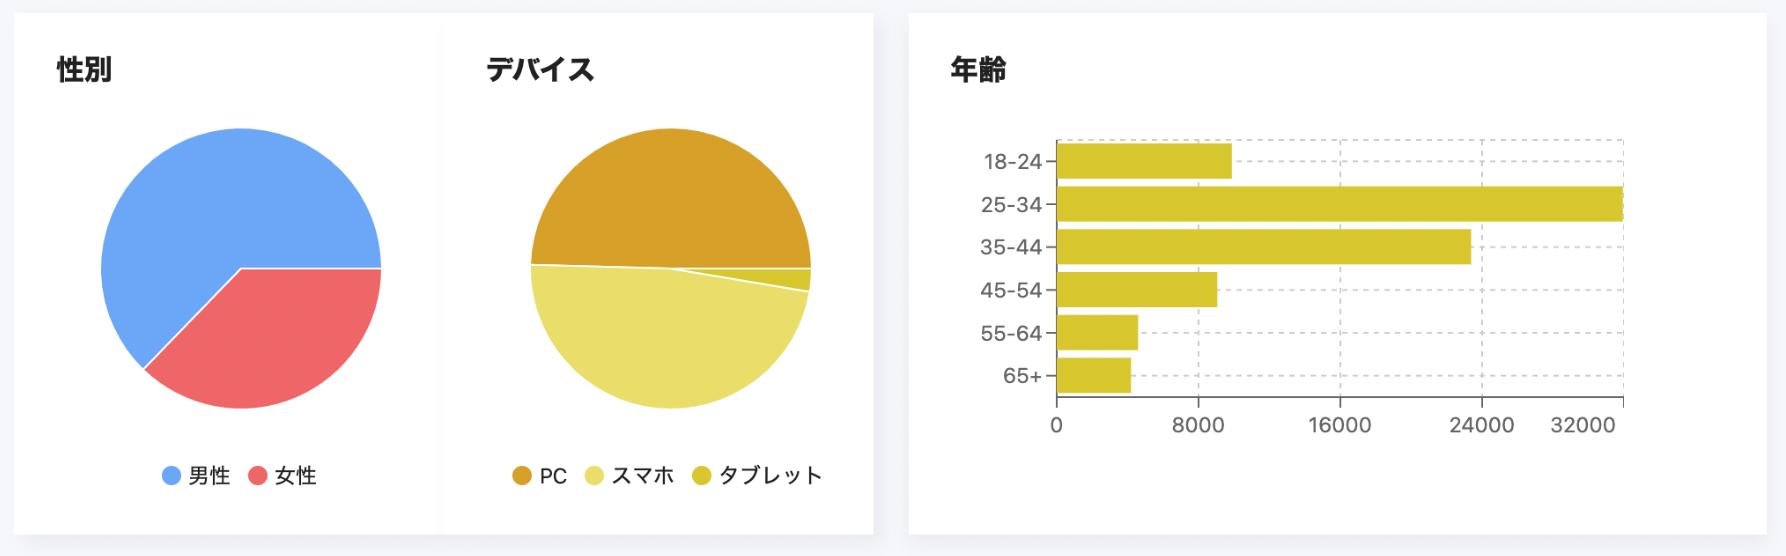 データ分布